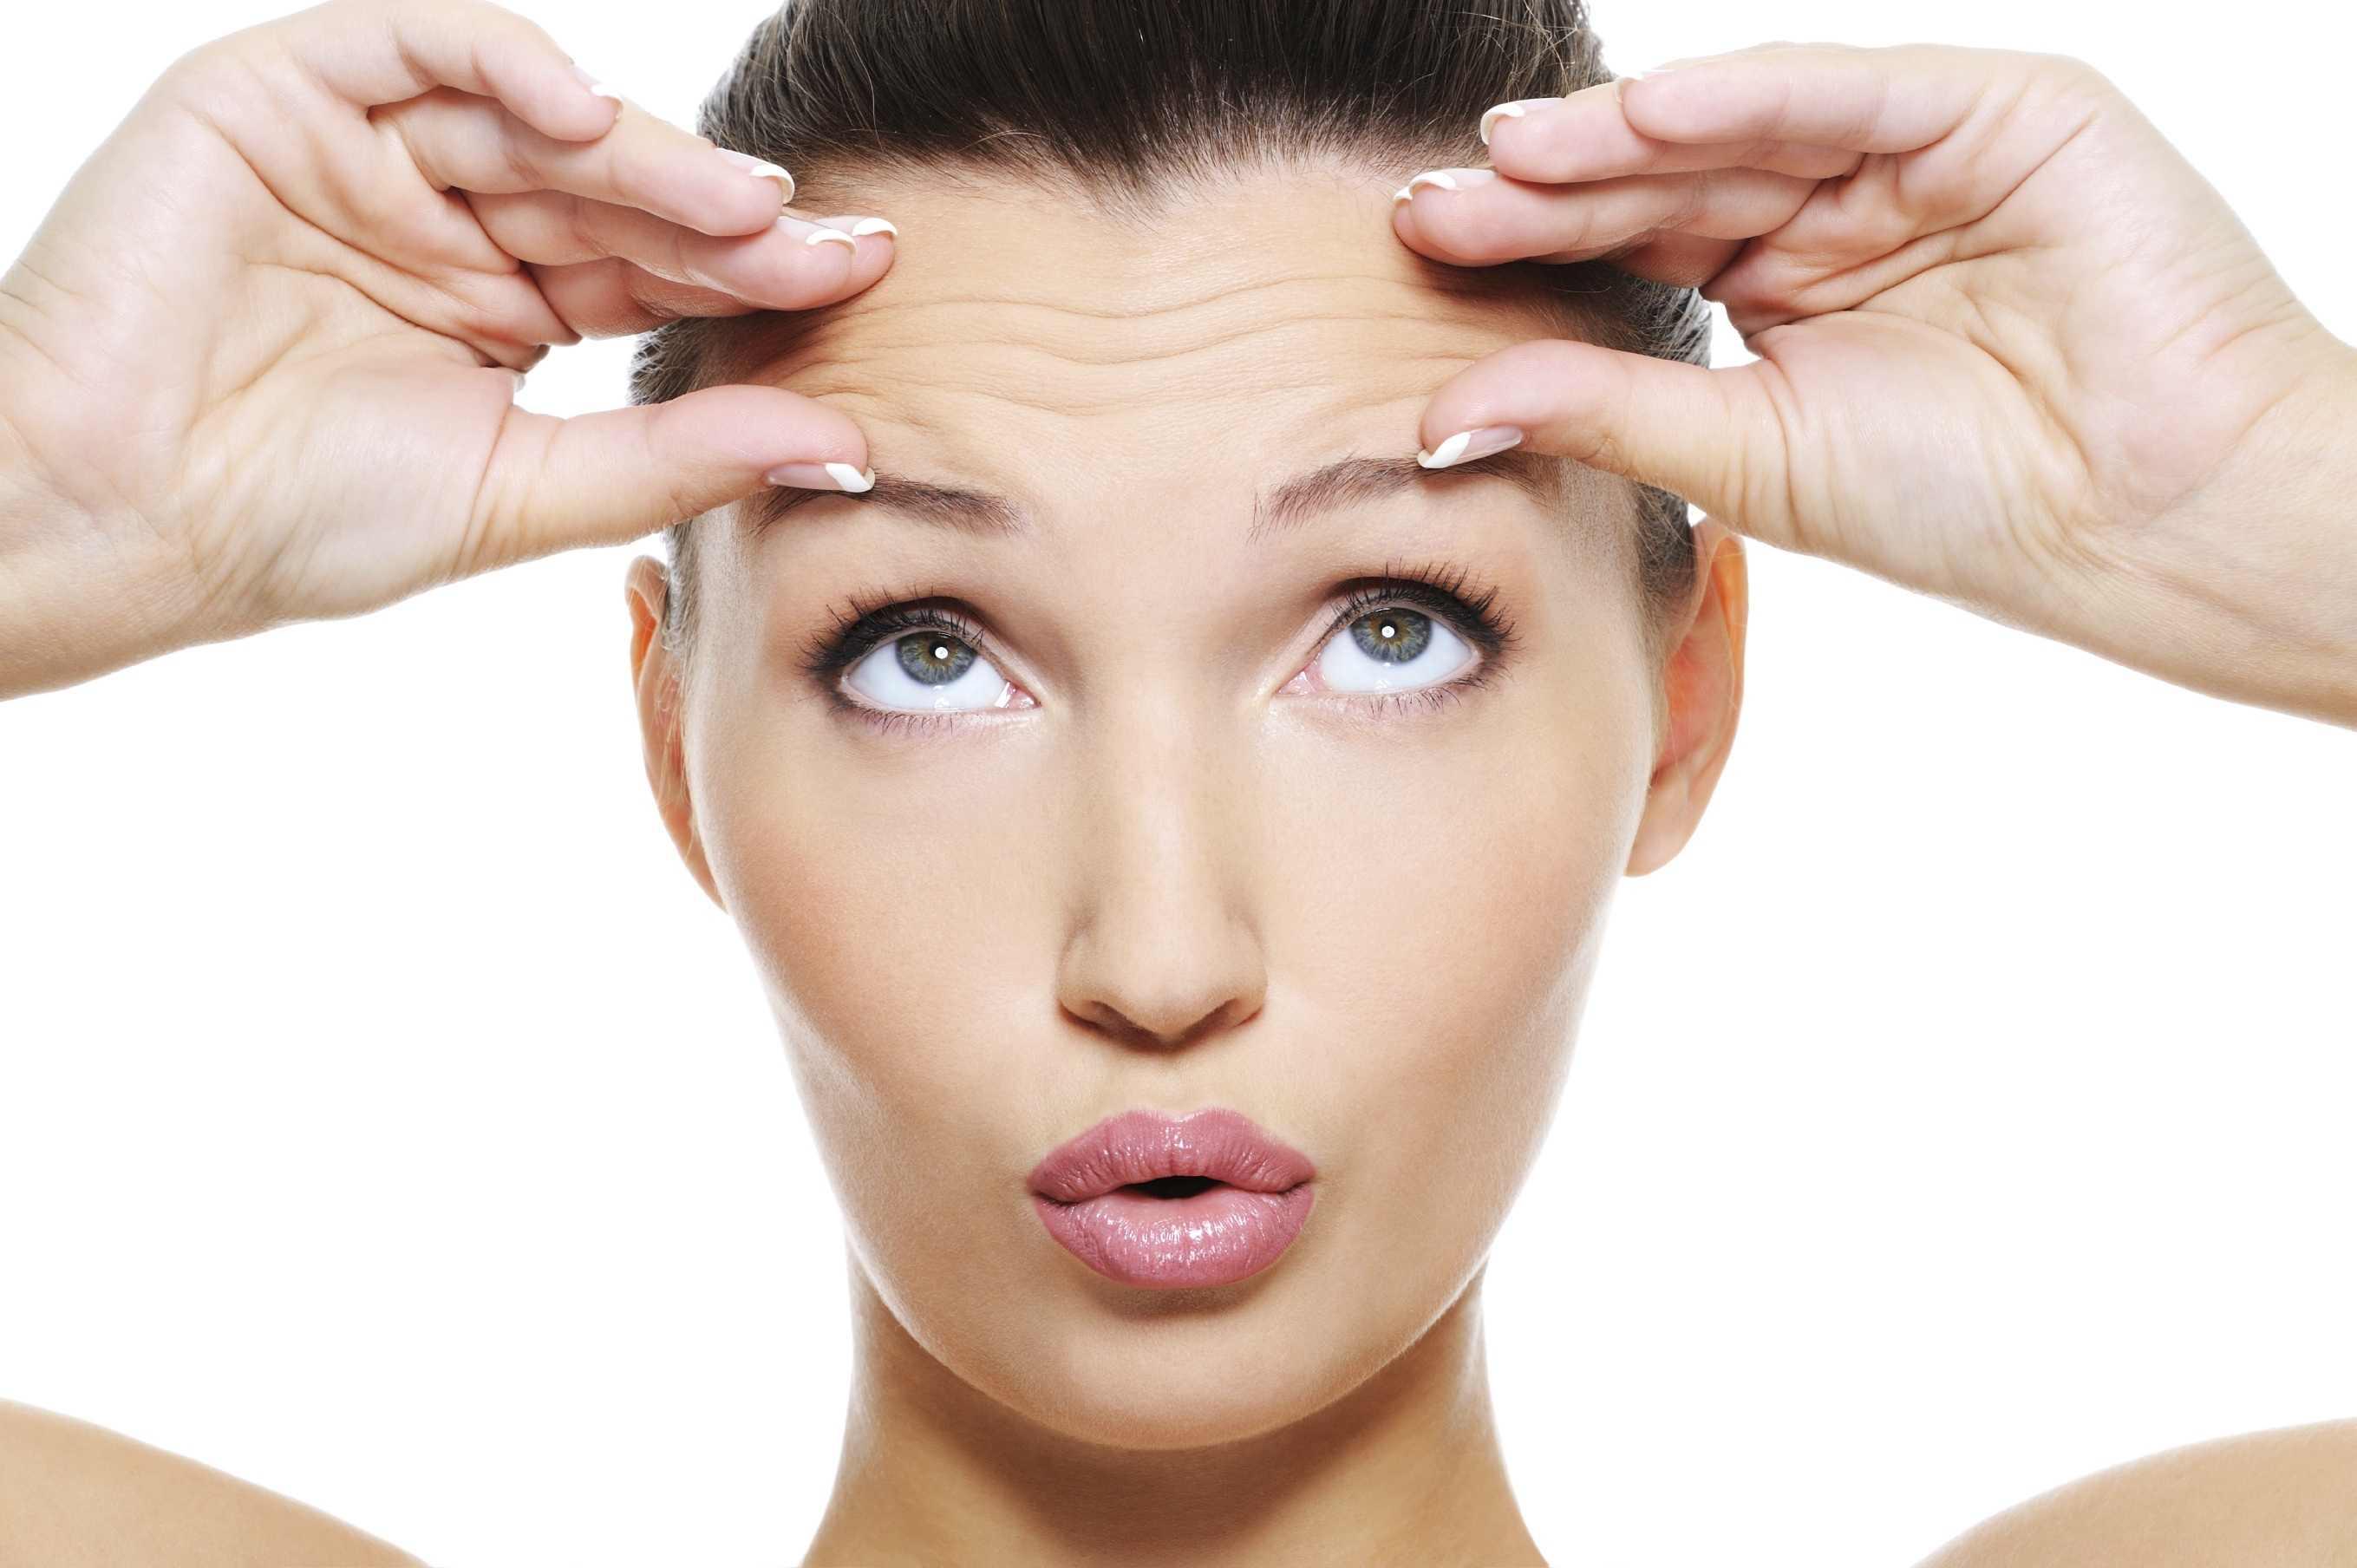 http://www.fisi-on.com/imagenes/tratamientos/terapia-de-belleza-facial-20-002.jpg